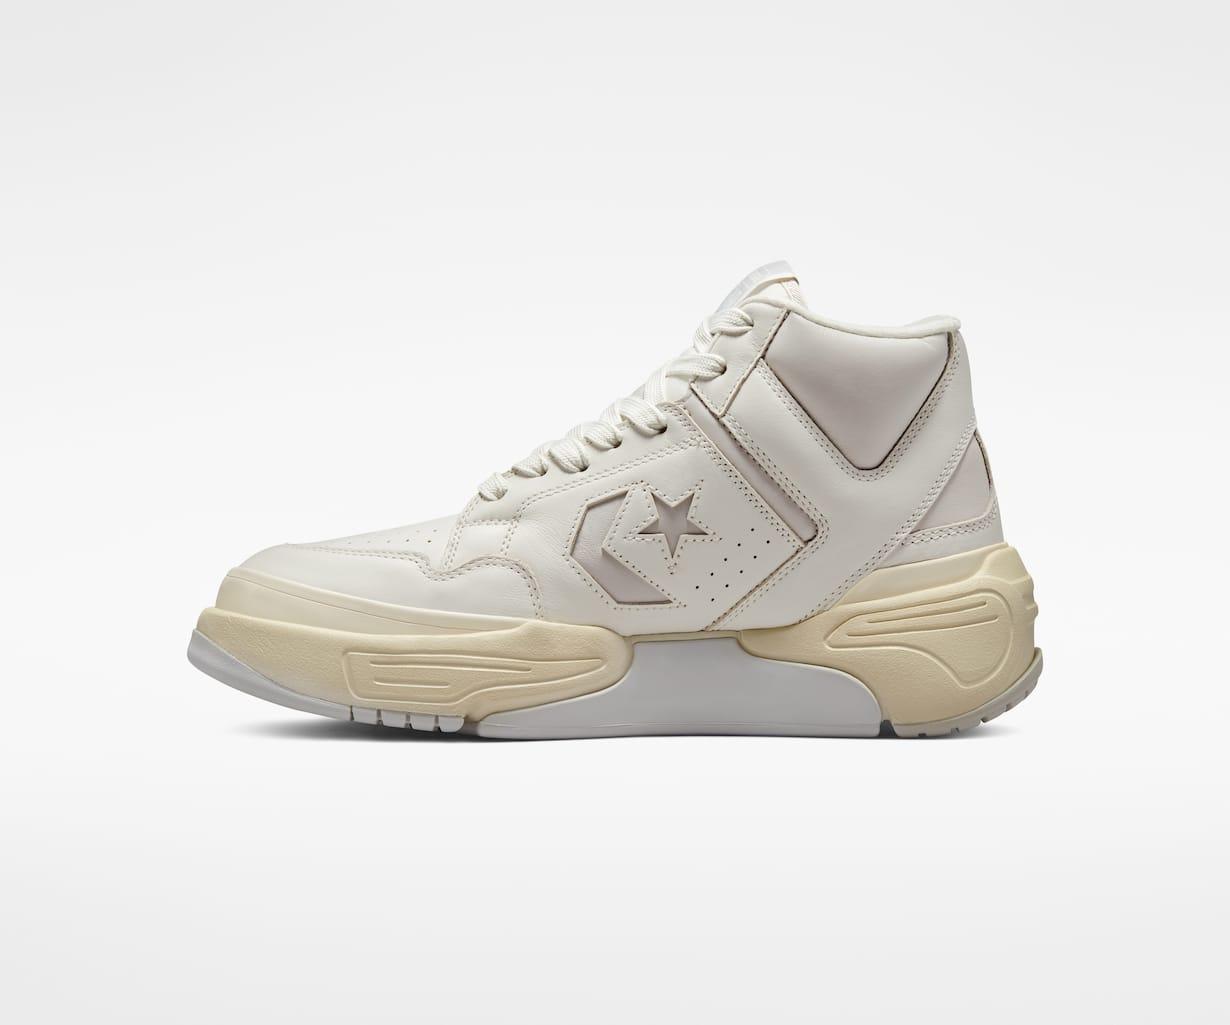 Converse Weapon CX to sneakersy, które musisz mieć